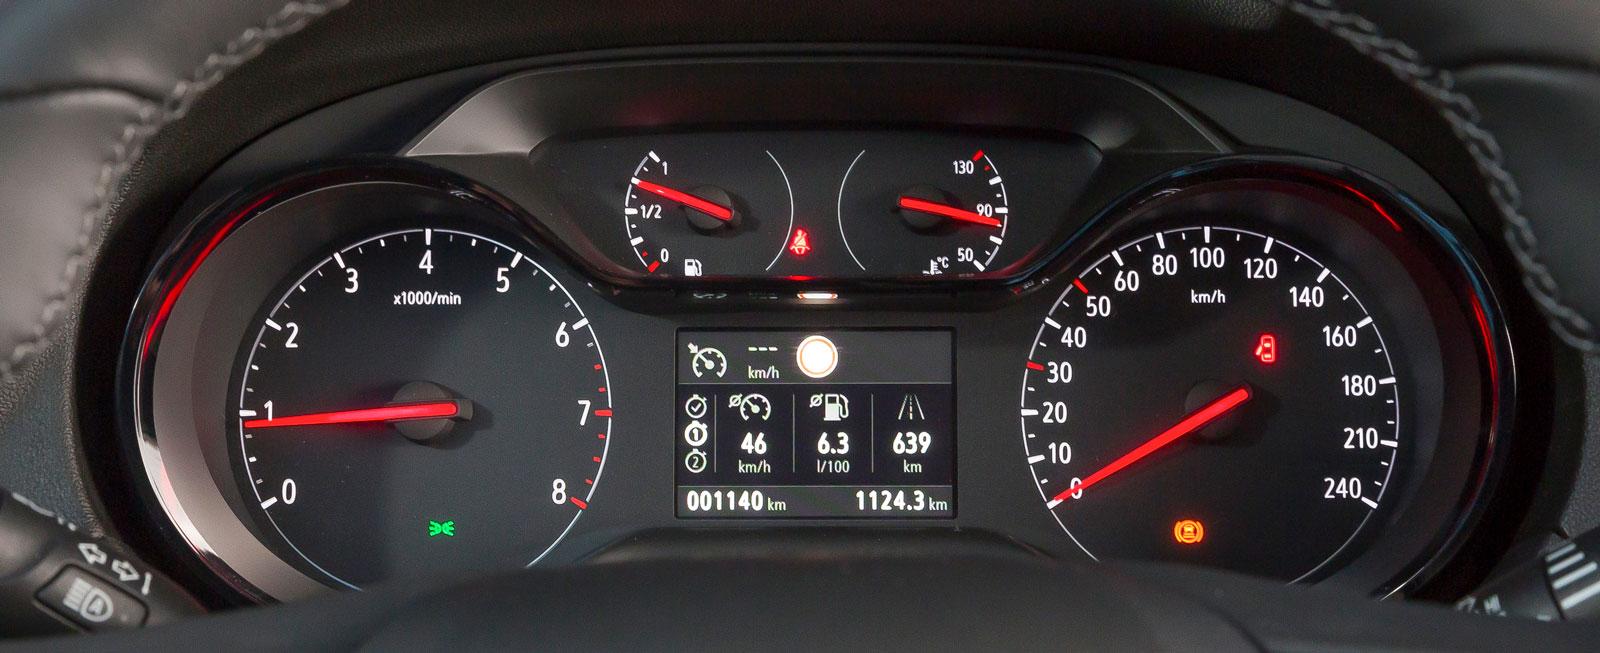 Bekant vy för Opel-ägare. Mätartavlorna känns igen från det övriga modellutbudet.